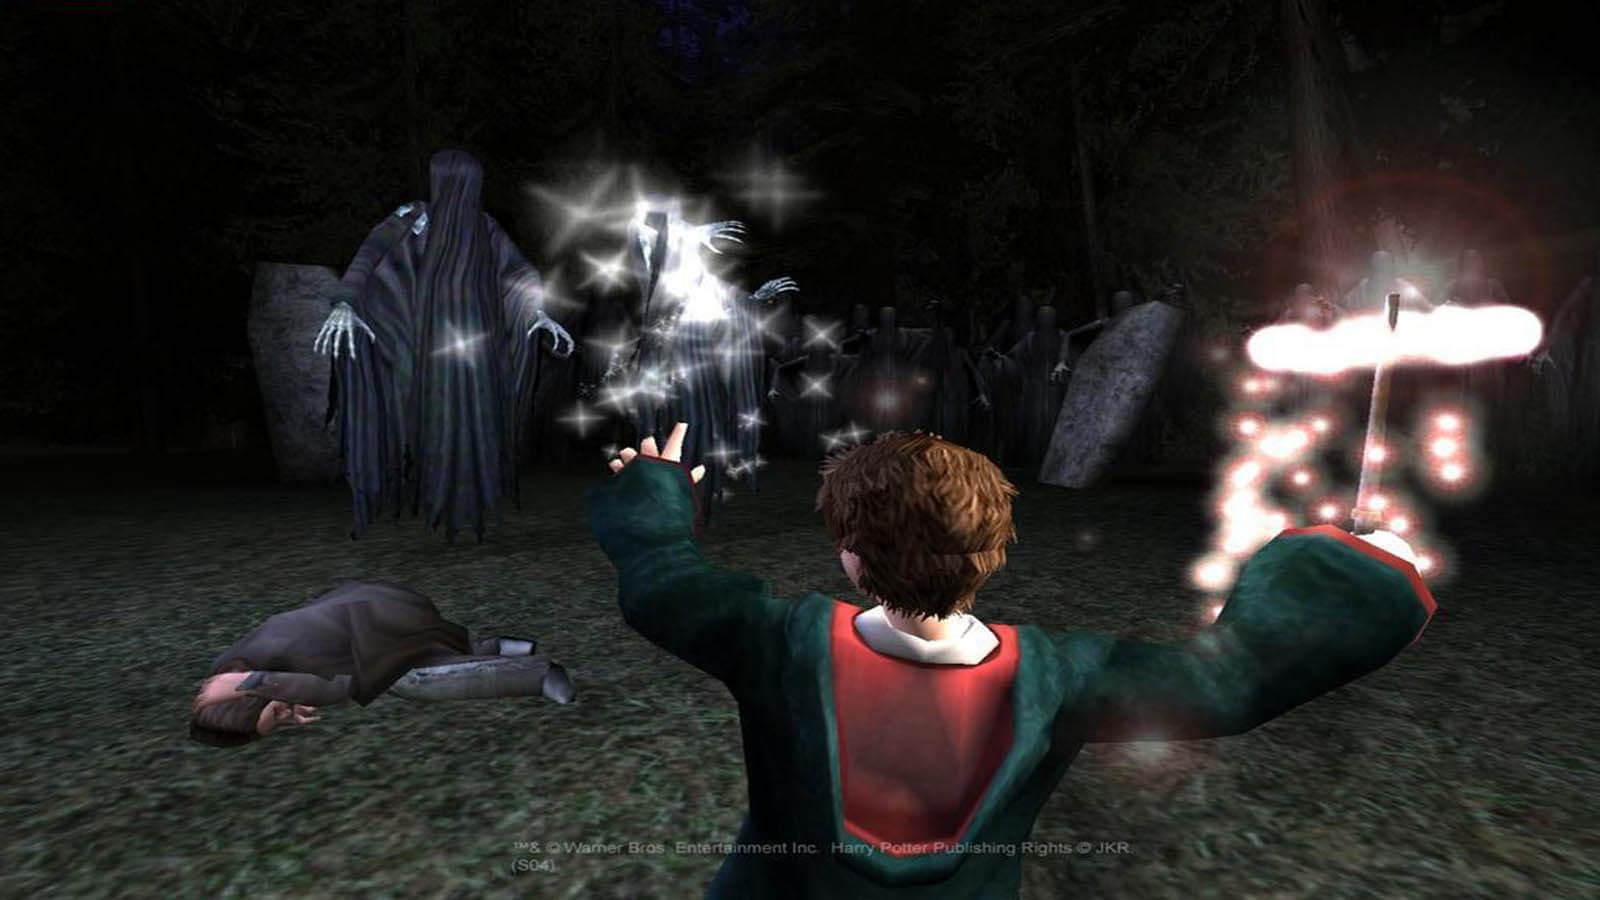 تحميل لعبة Harry Potter And The Prisoner Of Azkaban مضغوطة برابط واحد مباشر + تورنت كاملة مجانا